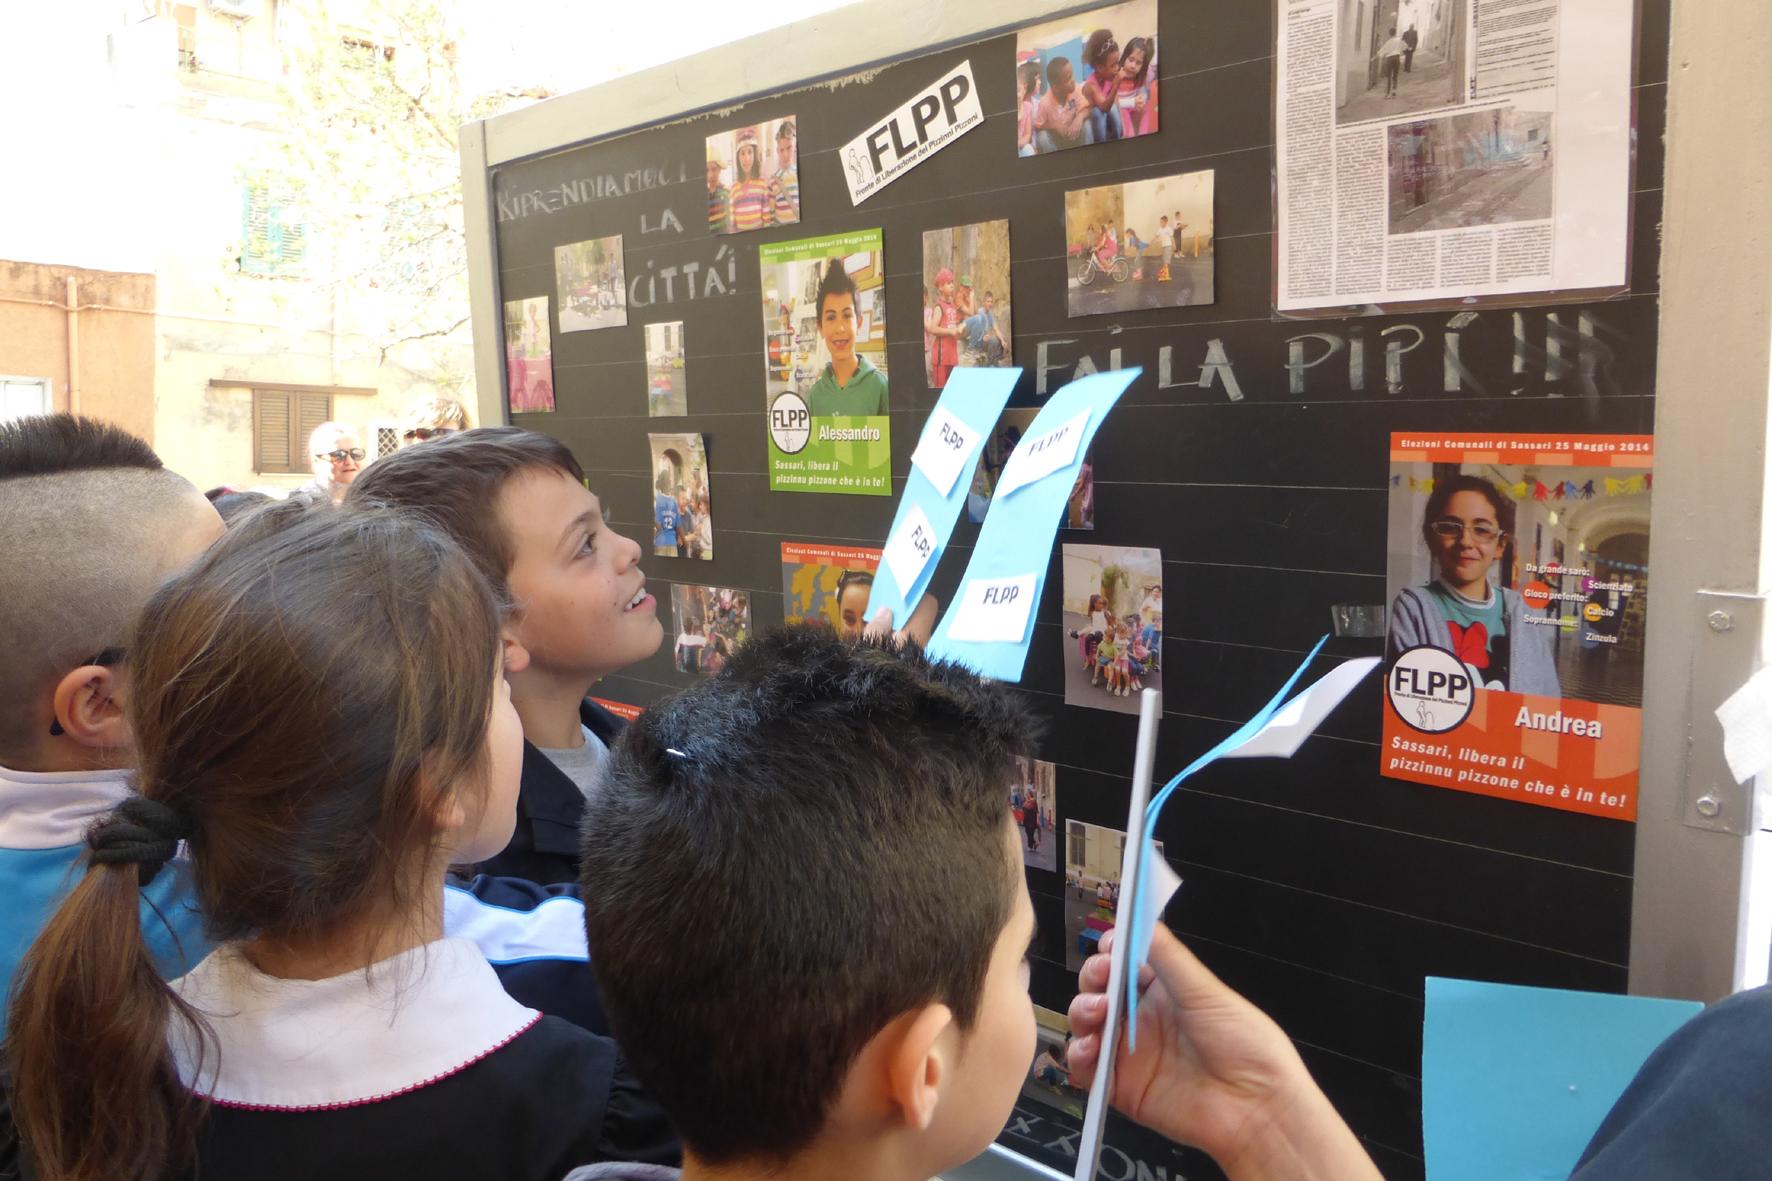 Los niños de un pueblo italiano proponen un examen de infancia para los candidatos a las Elecciones Municipales